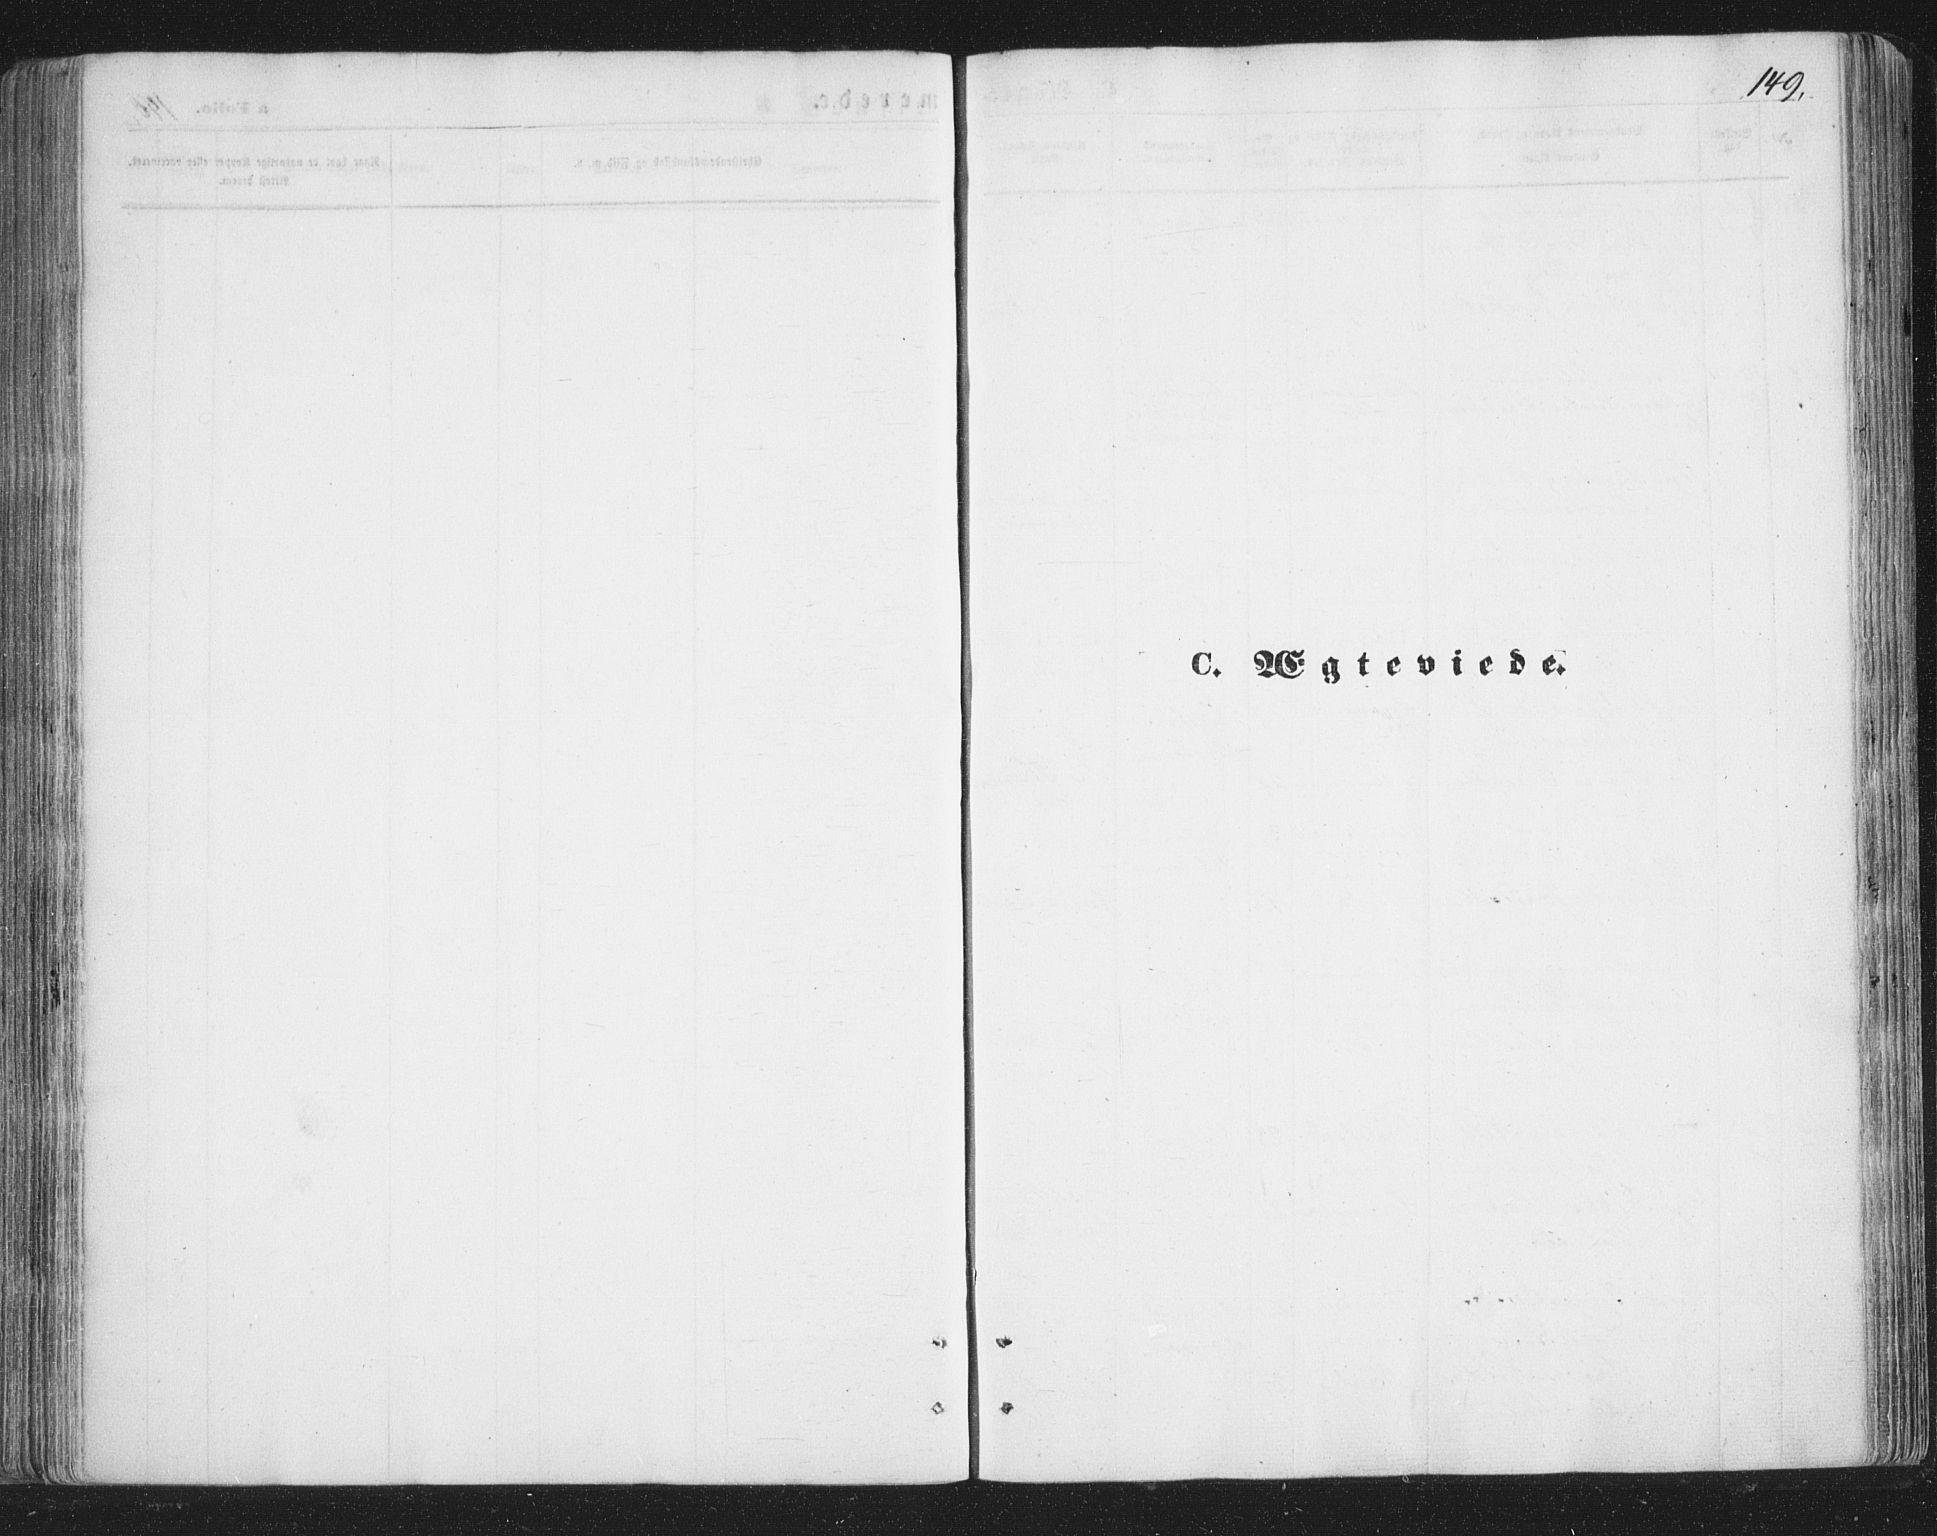 SATØ, Tromsø sokneprestkontor/stiftsprosti/domprosti, G/Ga/L0012kirke: Ministerialbok nr. 12, 1865-1871, s. 149